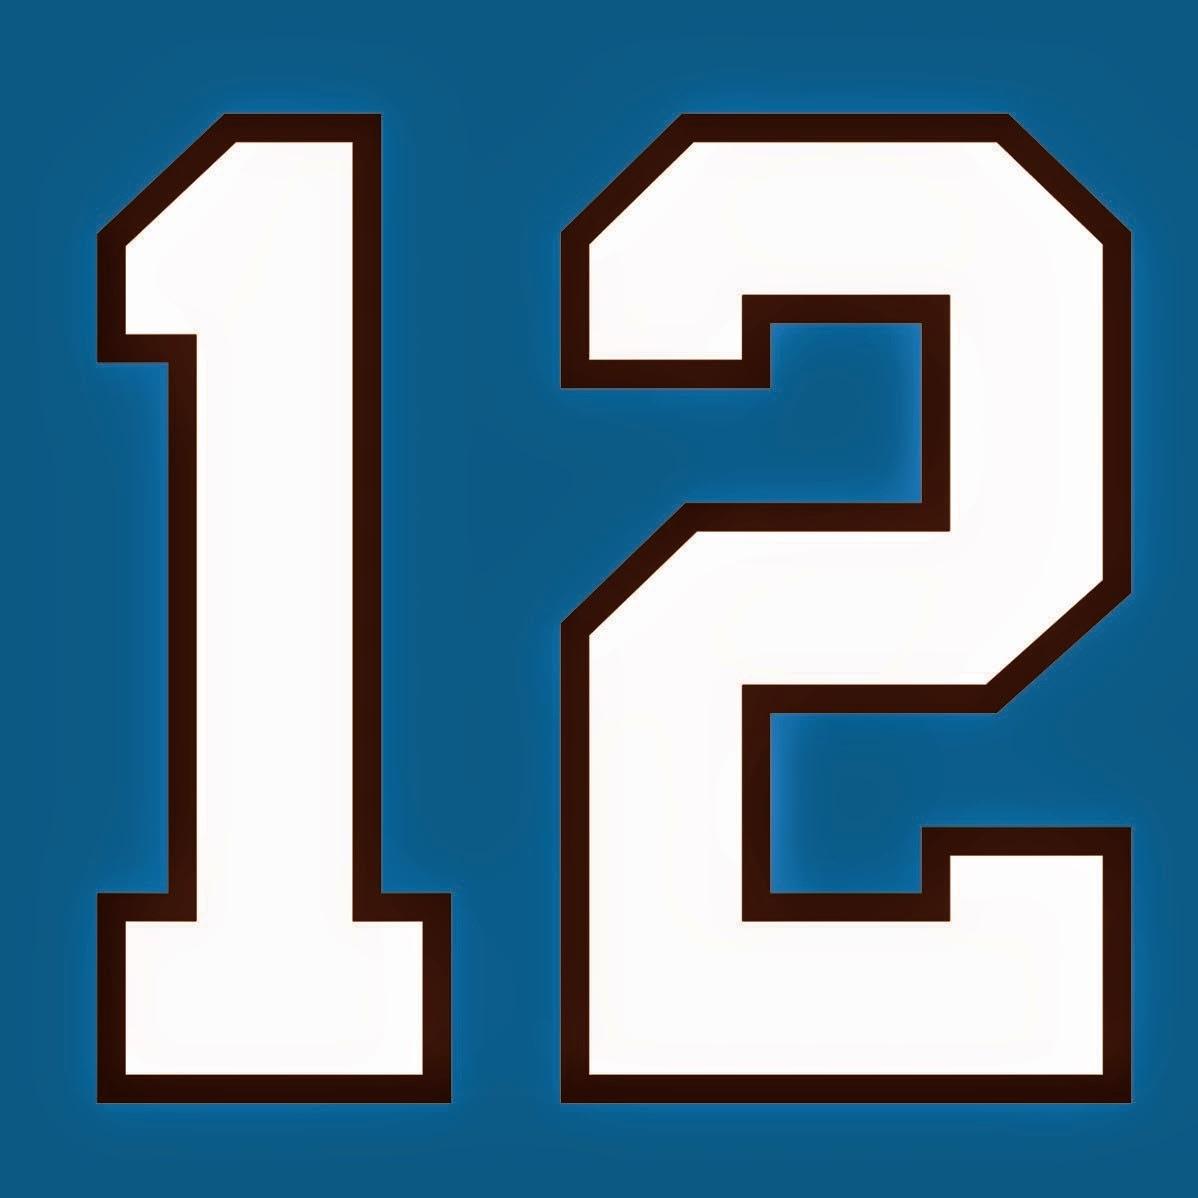 Go Seahawks! (7 - 4)